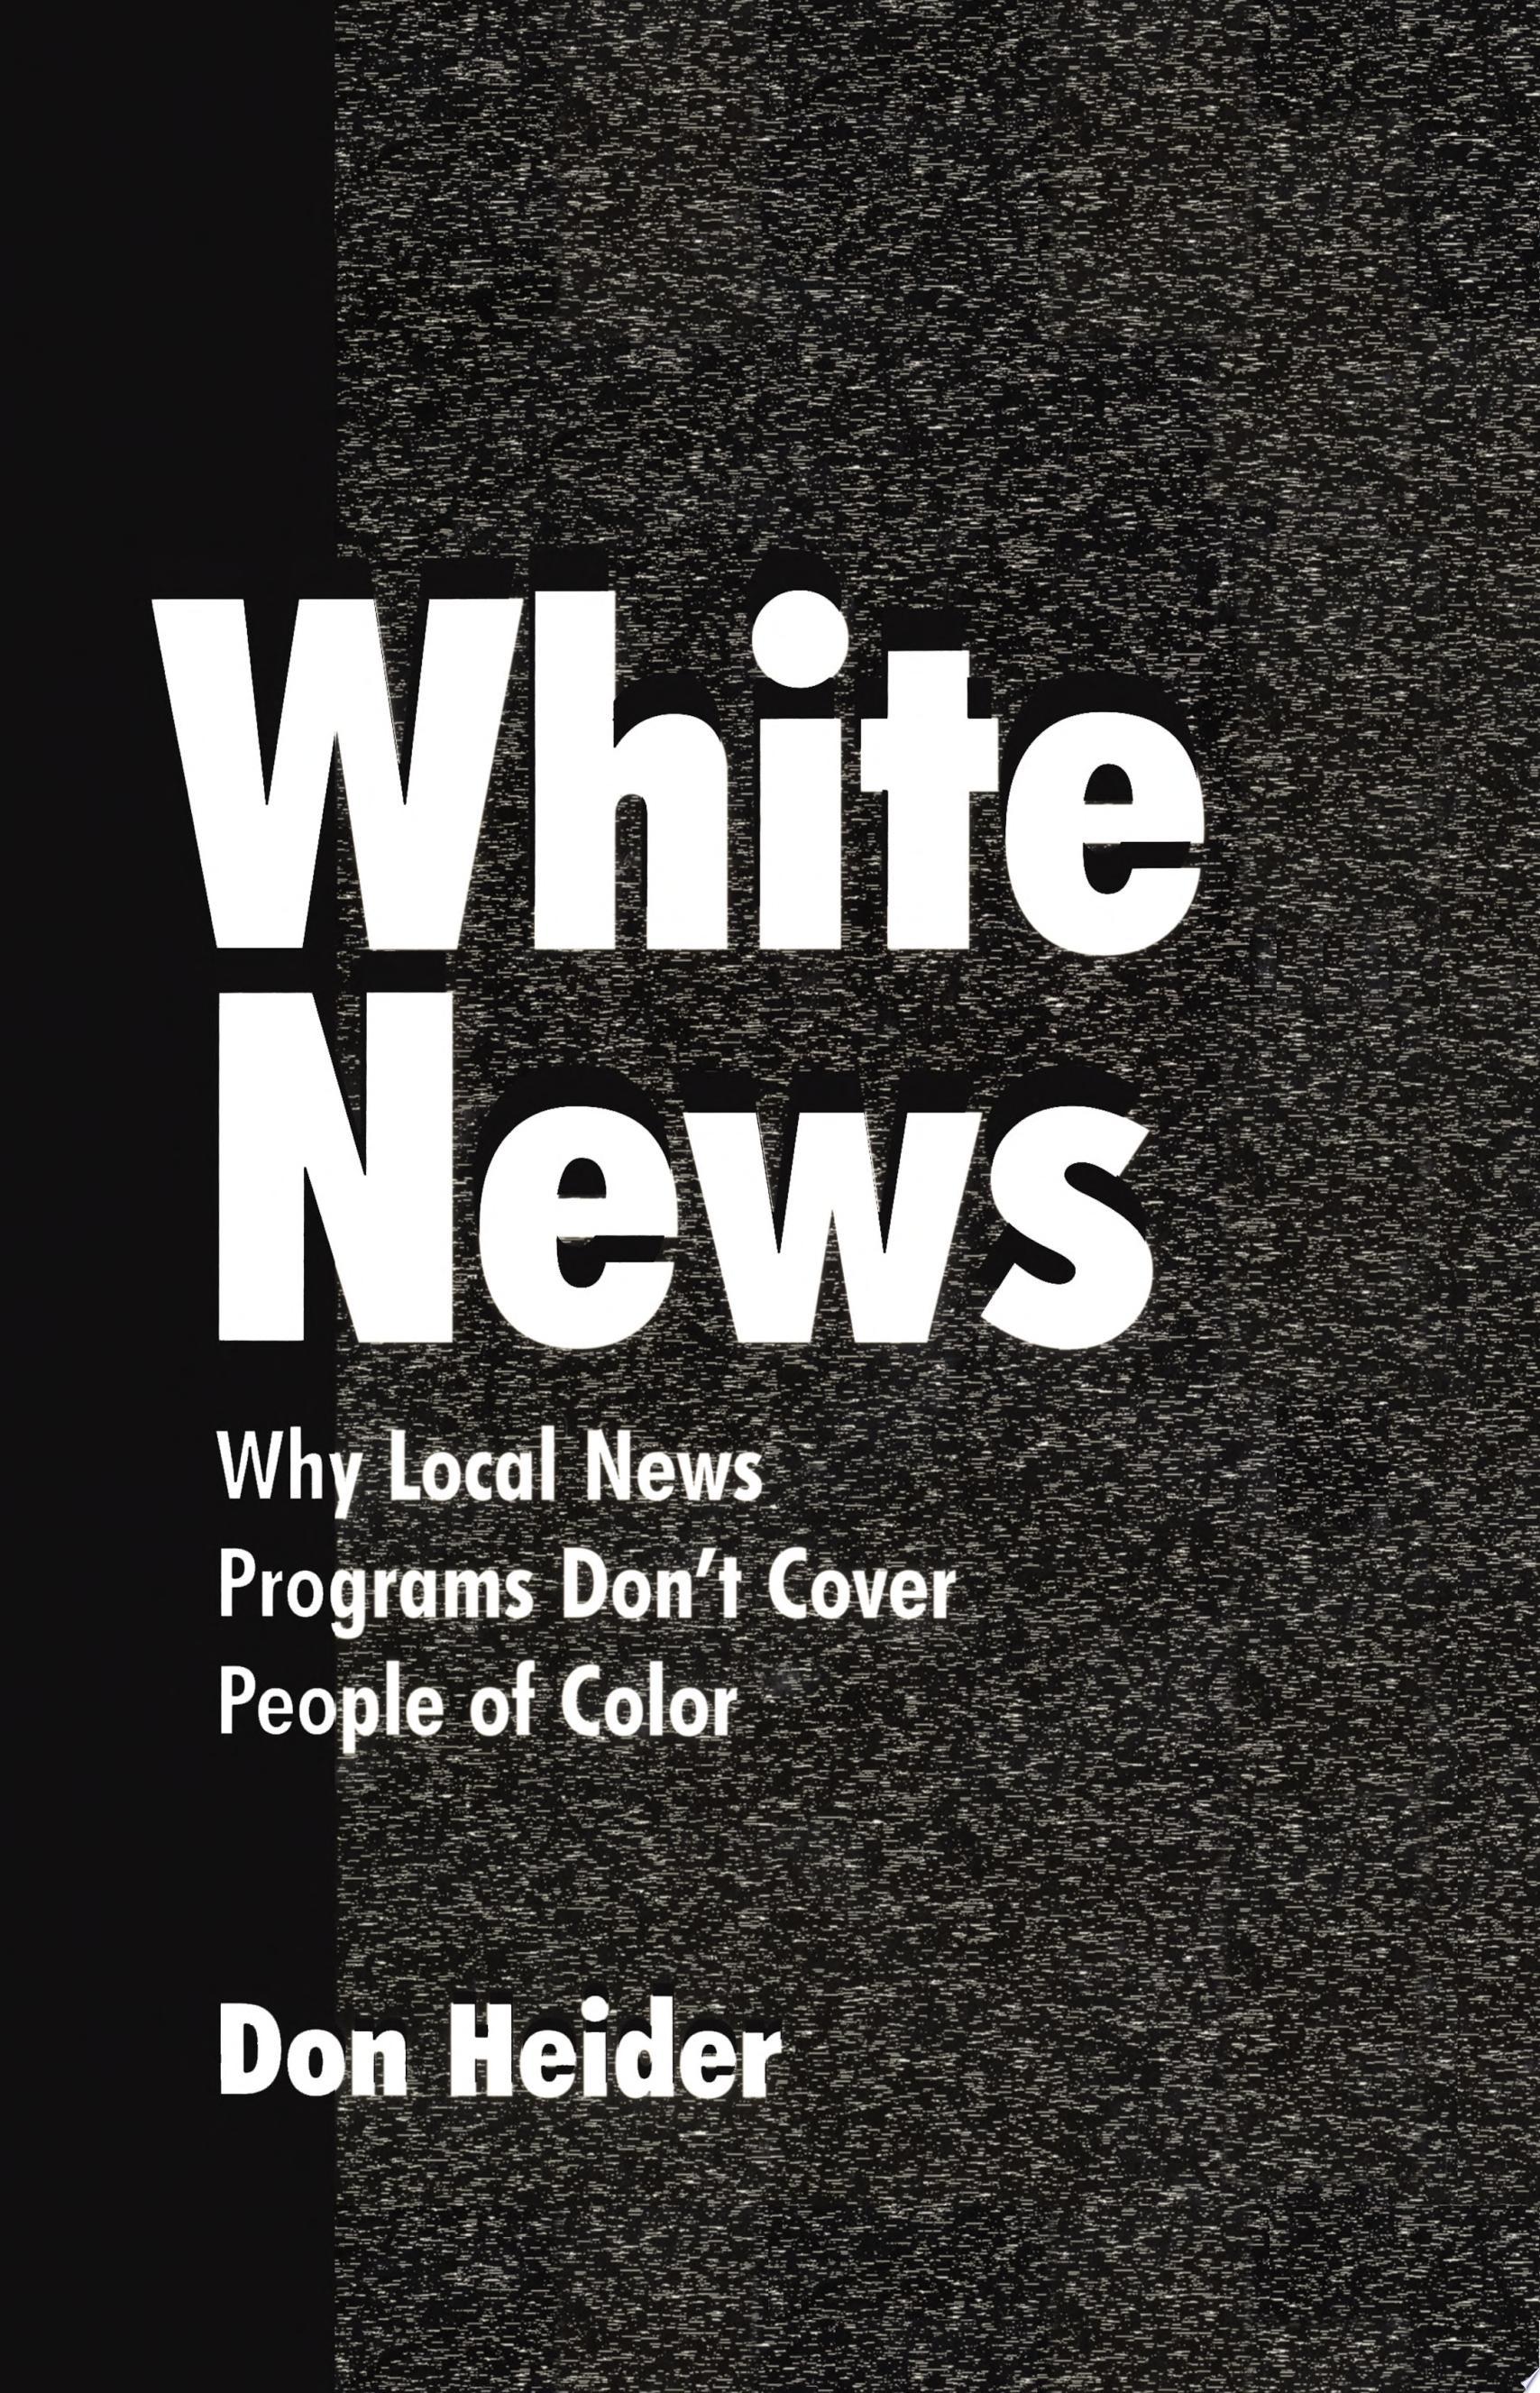 White News